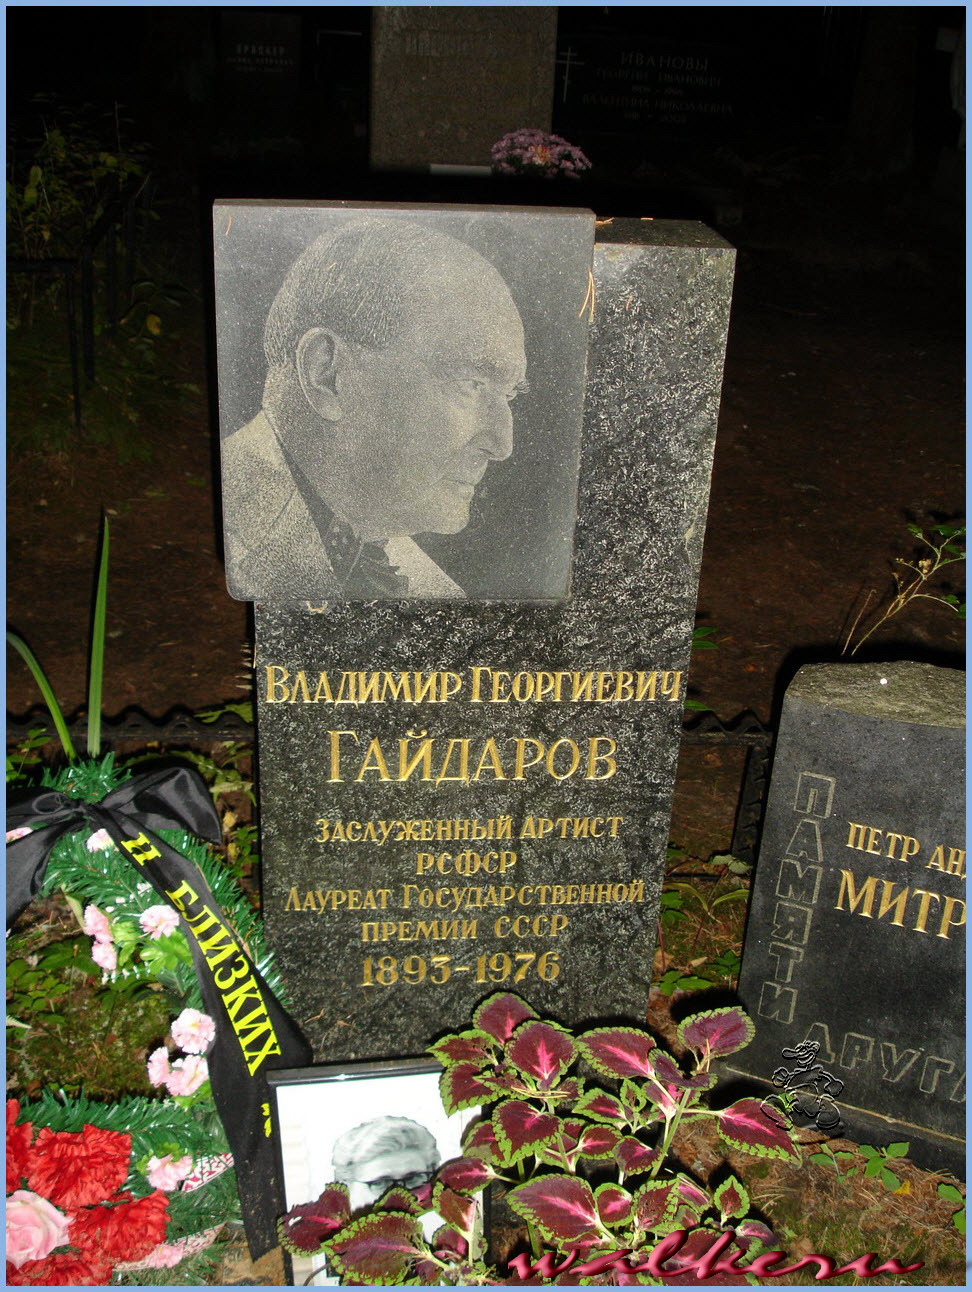 Могила Гайдарова В.Г. на Комаровском кладбище